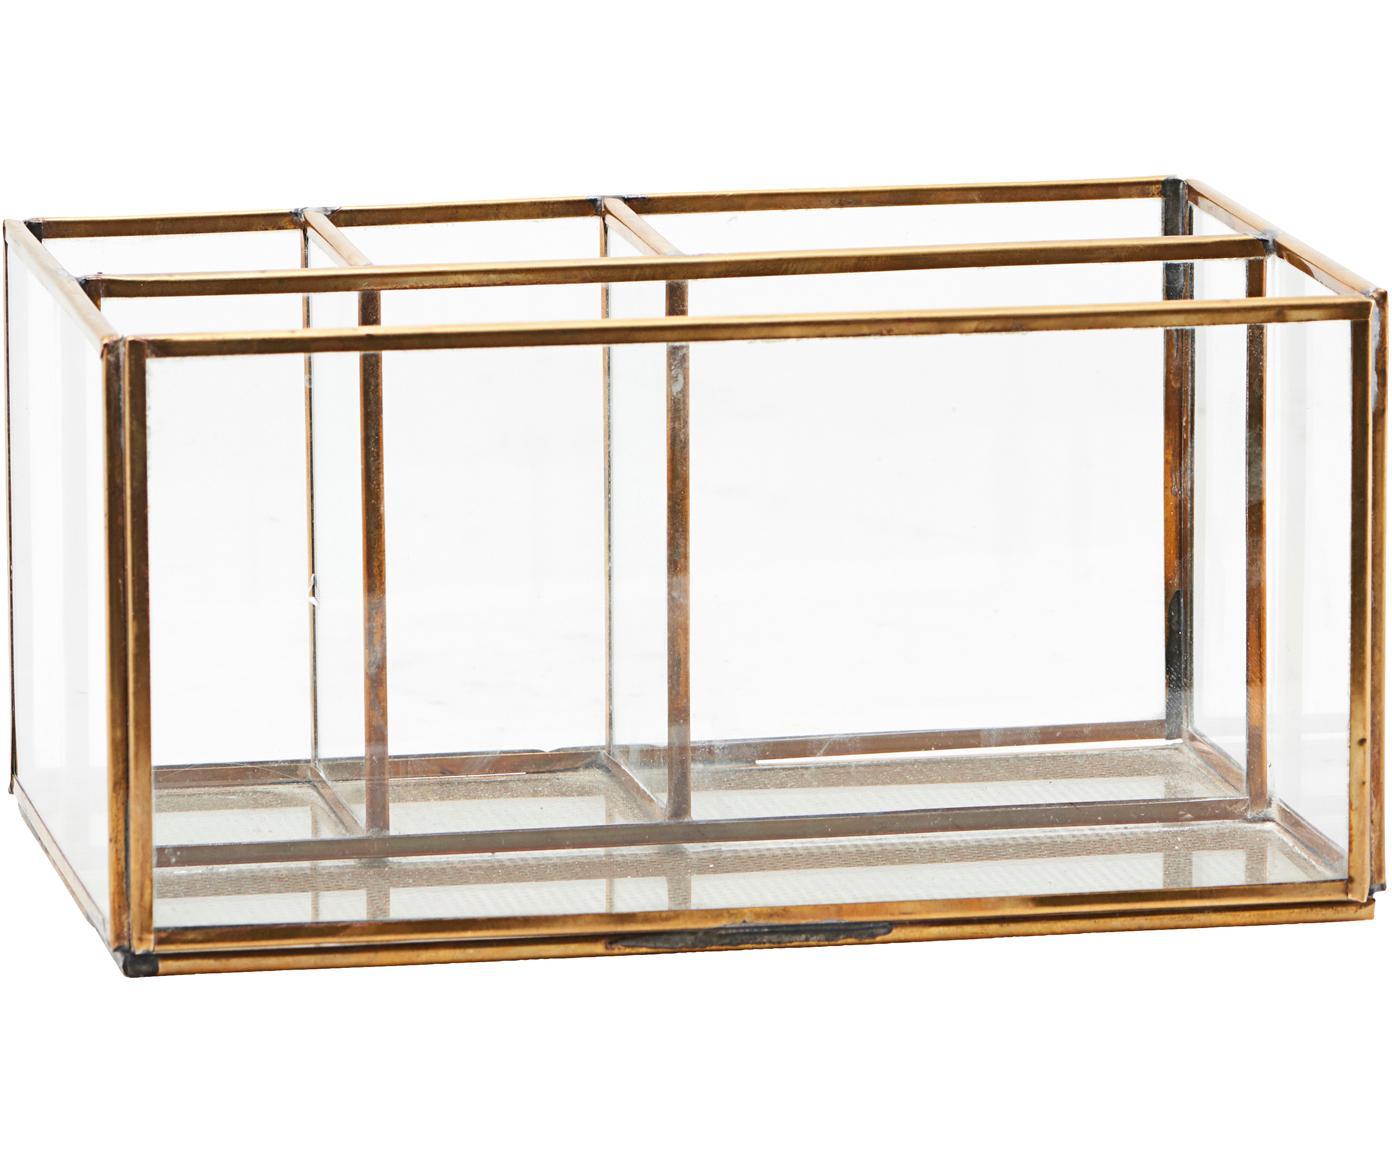 Organizador Sorted, Transparente, latón, An 21 x Al 13 cm